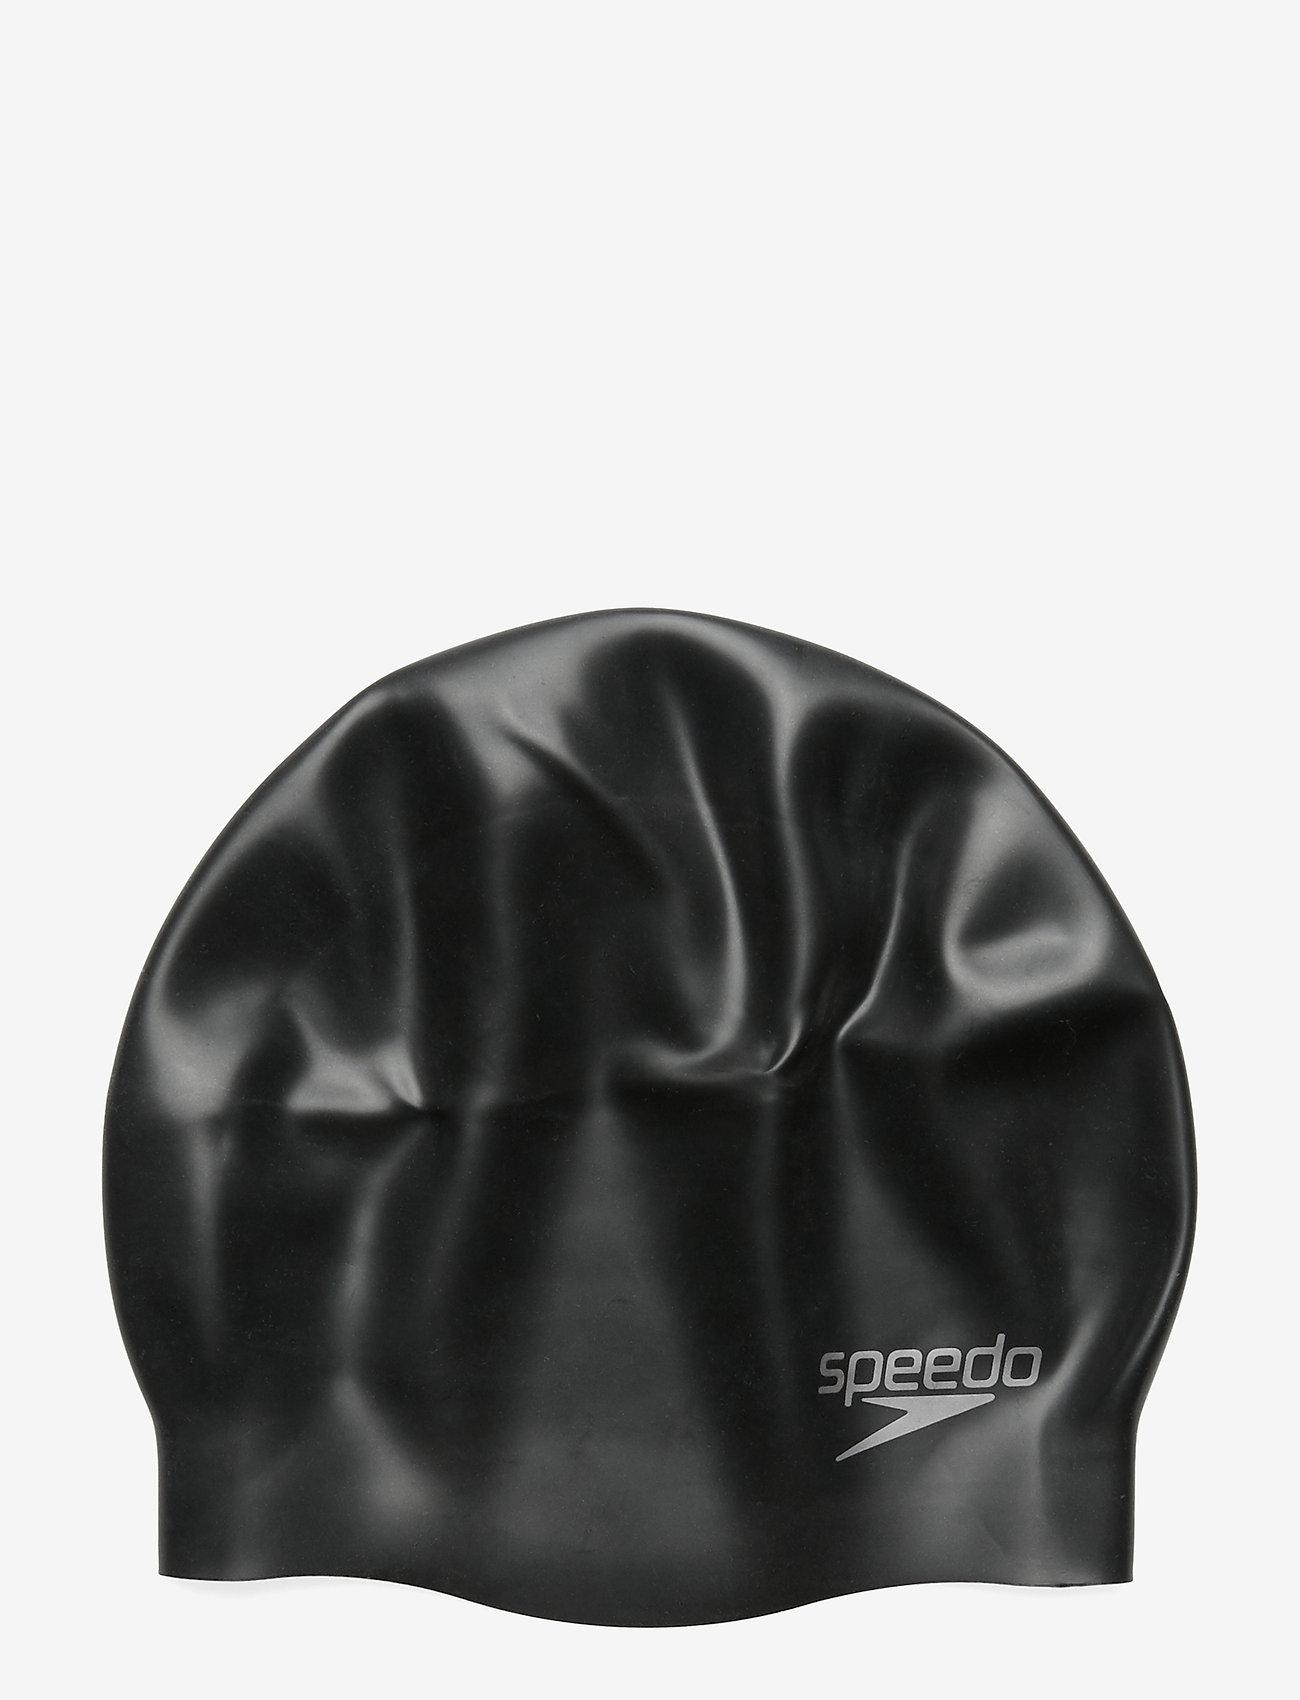 Speedo - SPEEDO SILICON MOULDED CAP AU, WHI MOP - muut - black - 0